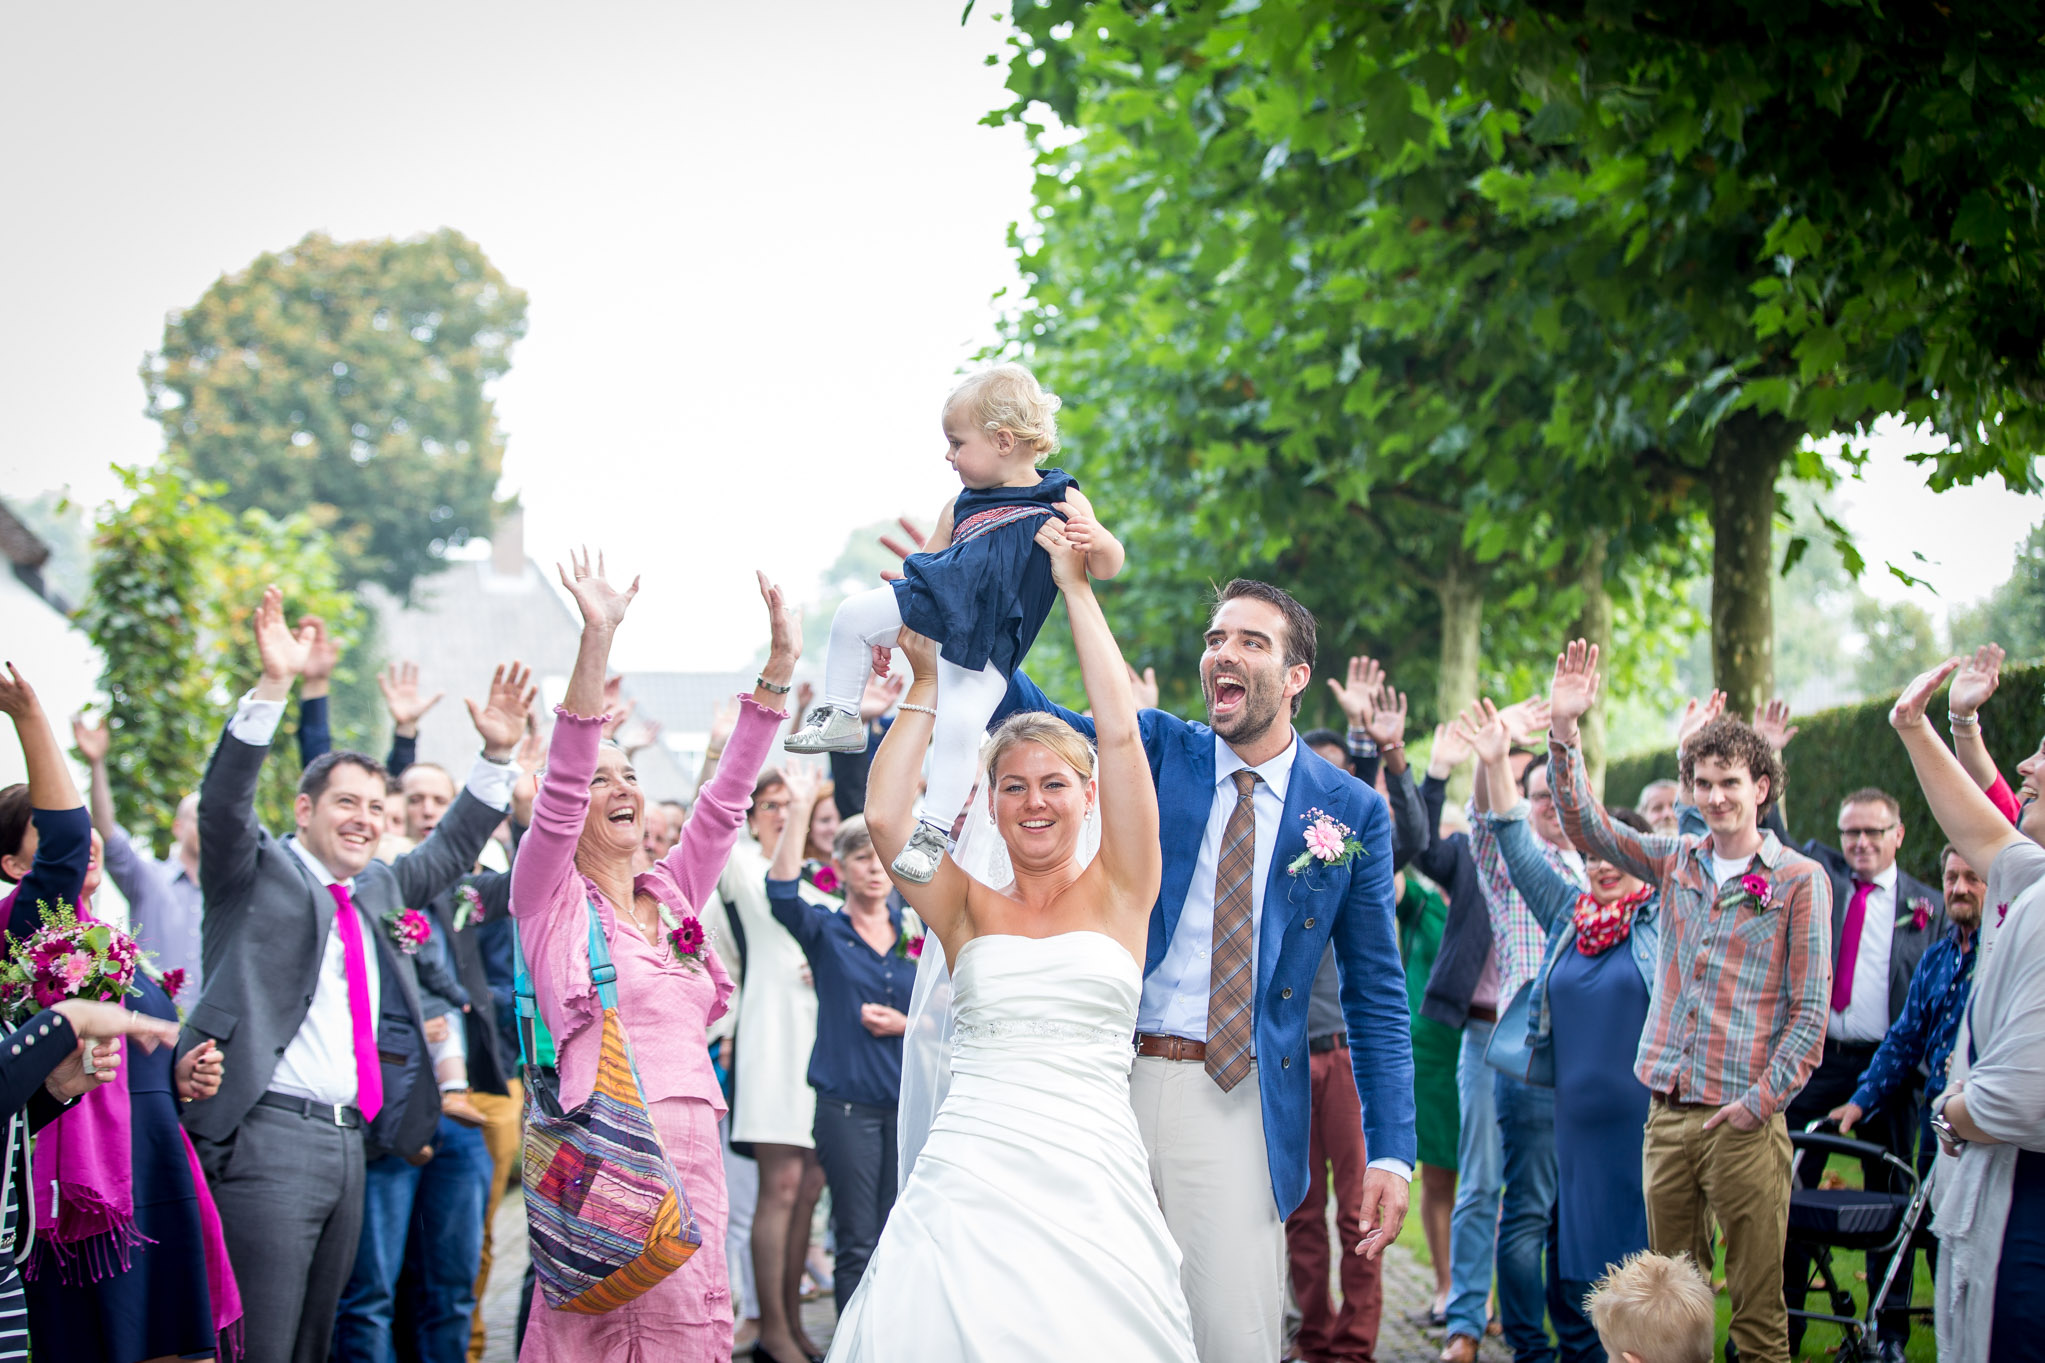 Bruiloft Oirschot, Spontaan moment, Speciaal moment,Bruiloft fotografie